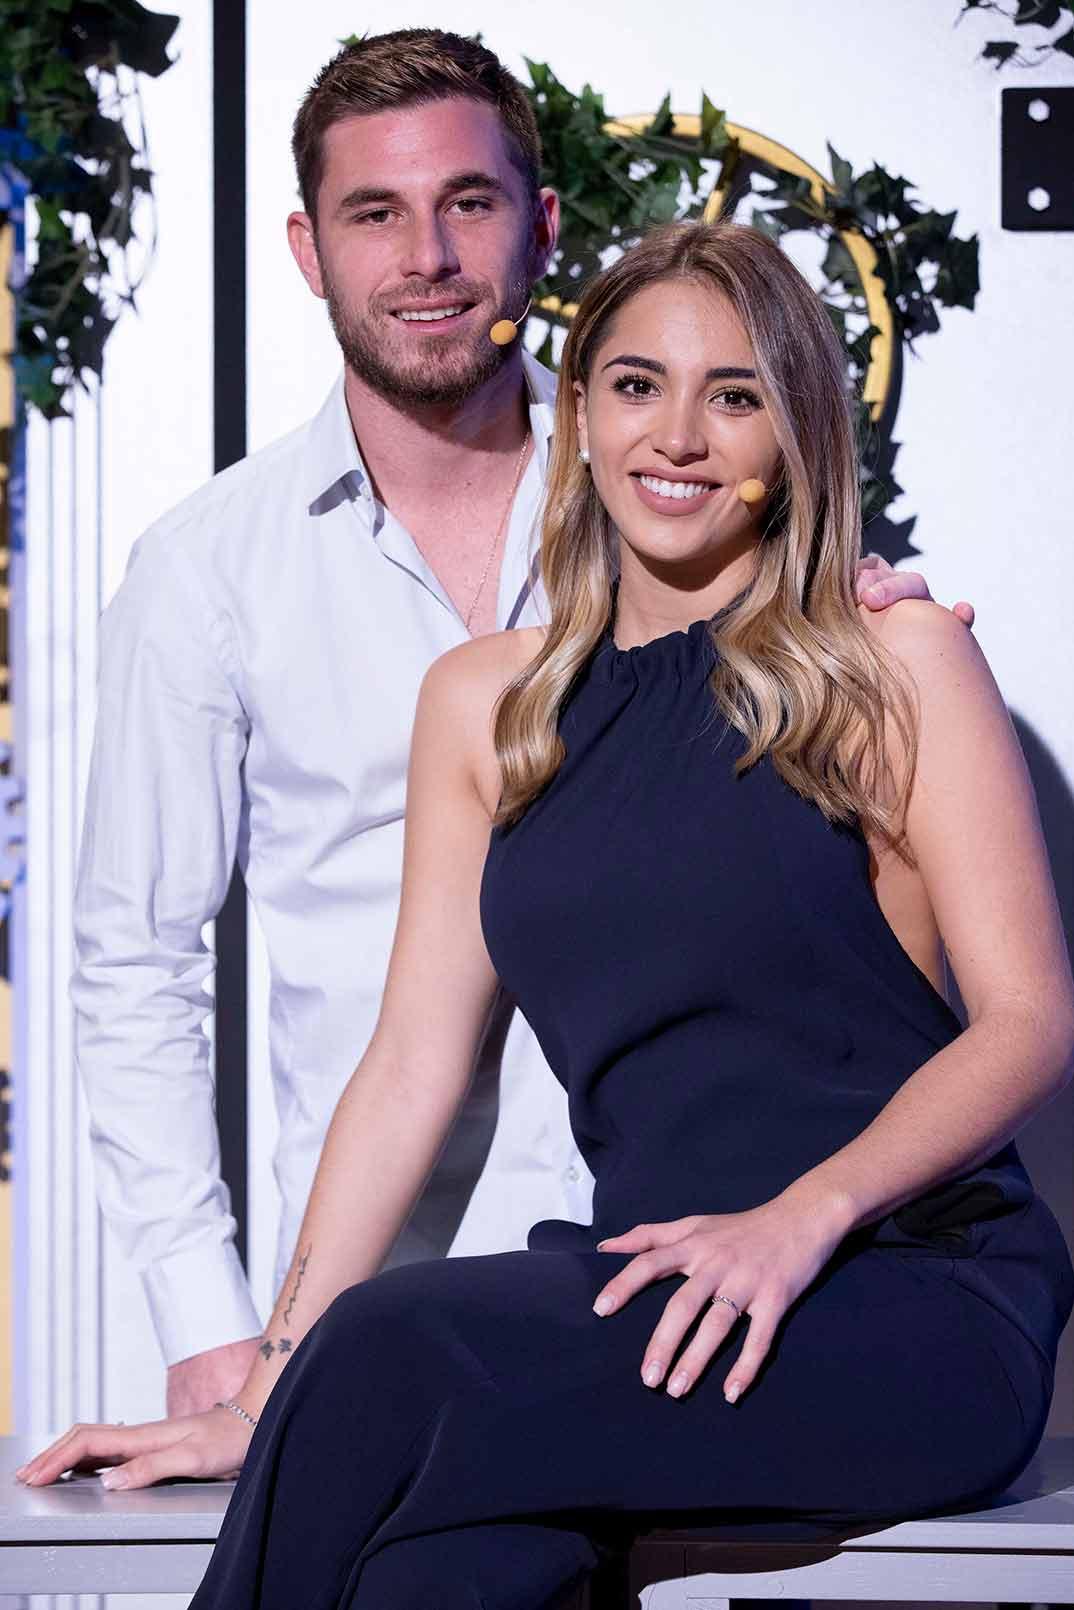 Tom Brusse y Sandra Pica - La casa fuerte 2 © Telecinco